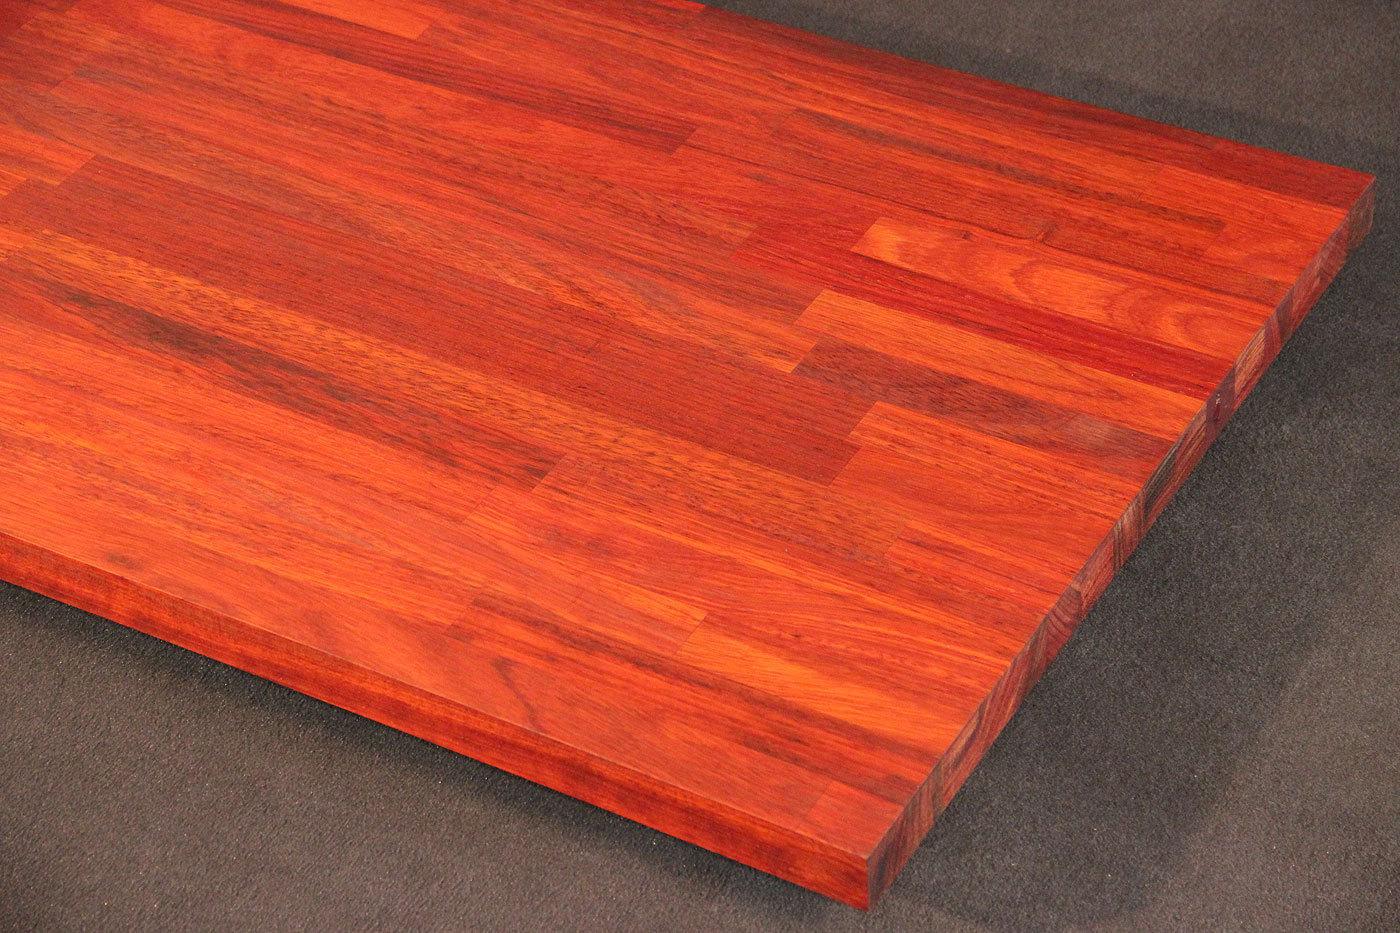 arbeitsplatte k chenarbeitsplatte massivholz padouk 40 4100 650. Black Bedroom Furniture Sets. Home Design Ideas